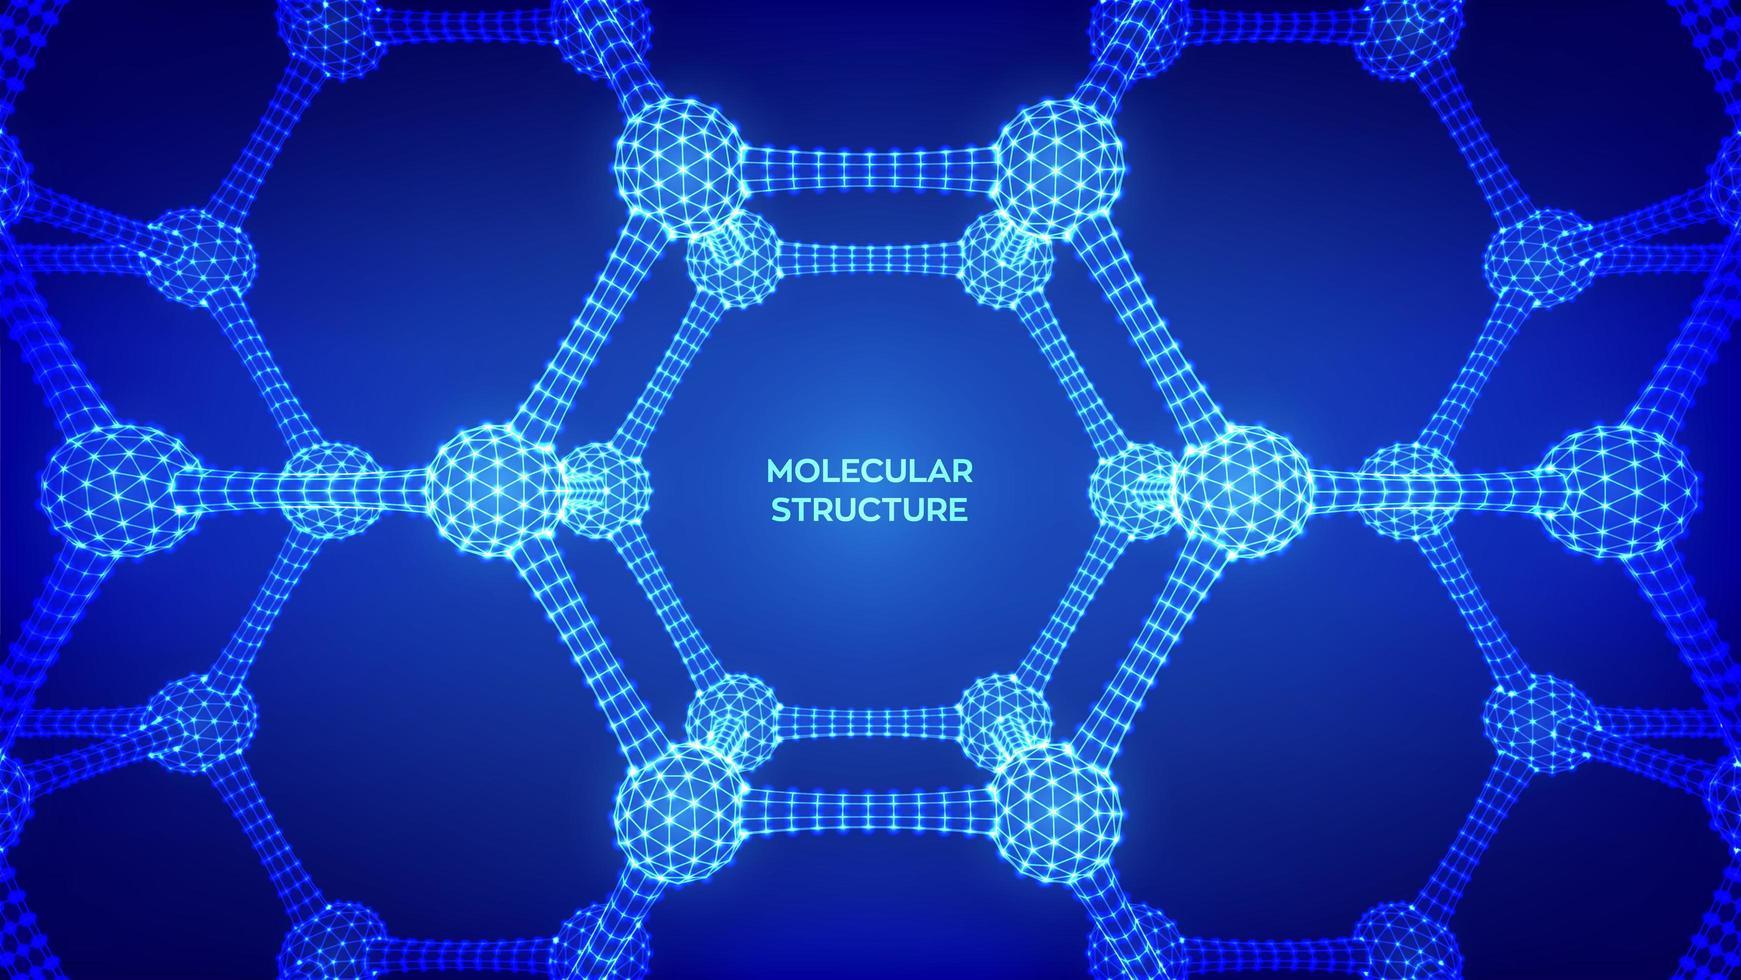 moleculaire structuur futuristische banner vector